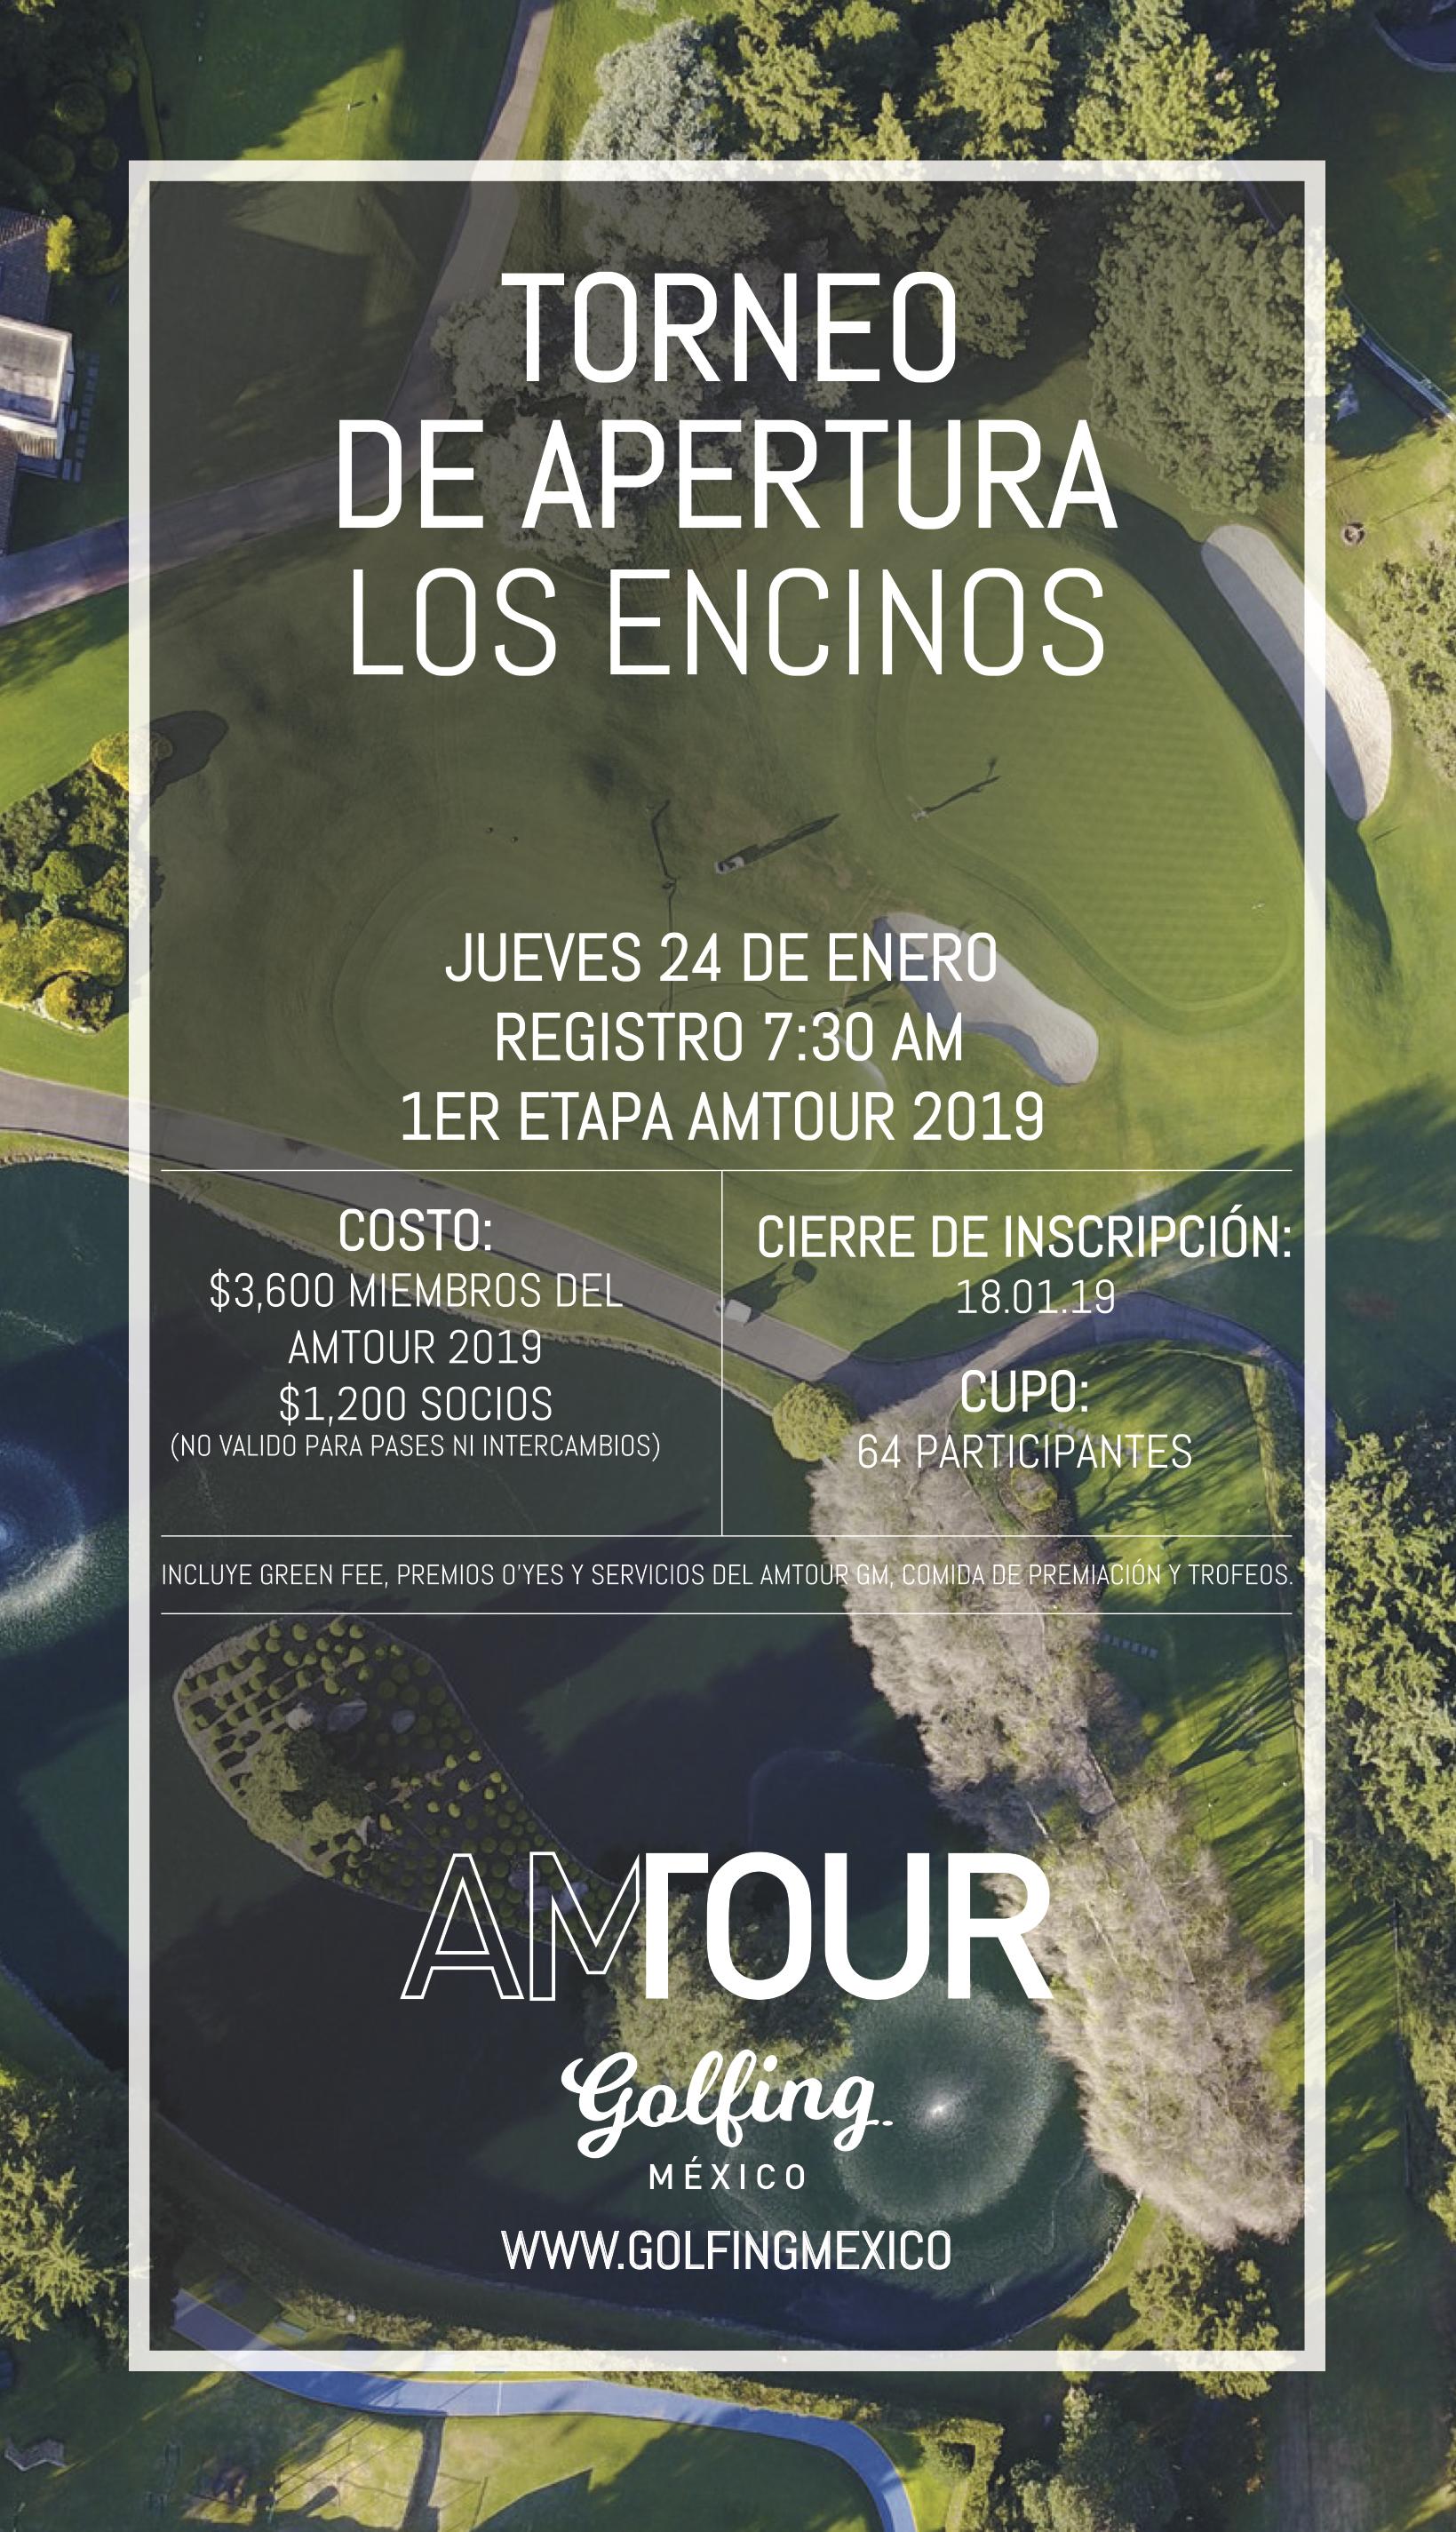 amtour los encinos golfing mexico